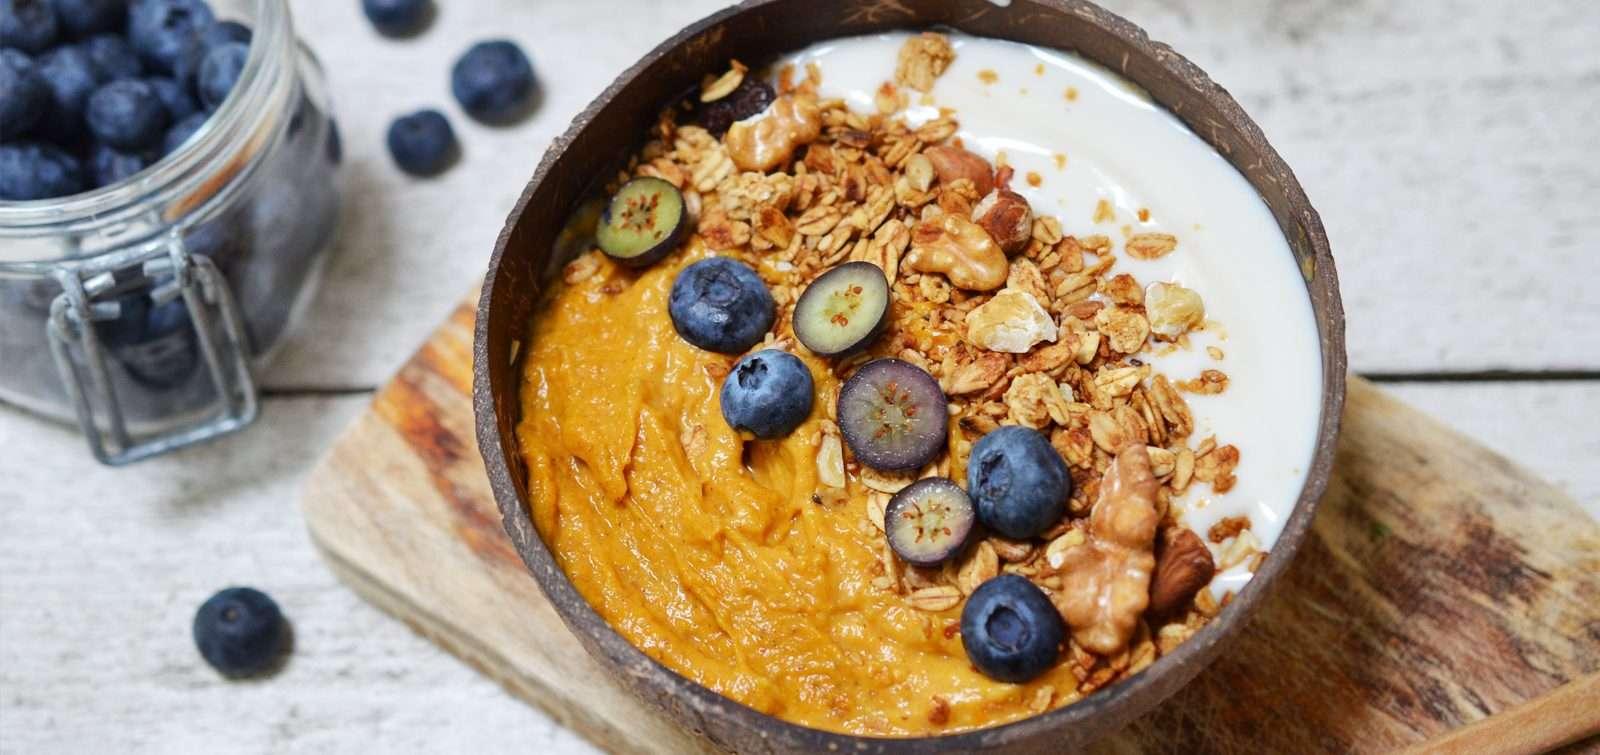 Pupmkin Bowl Breakfast Rens Kroes